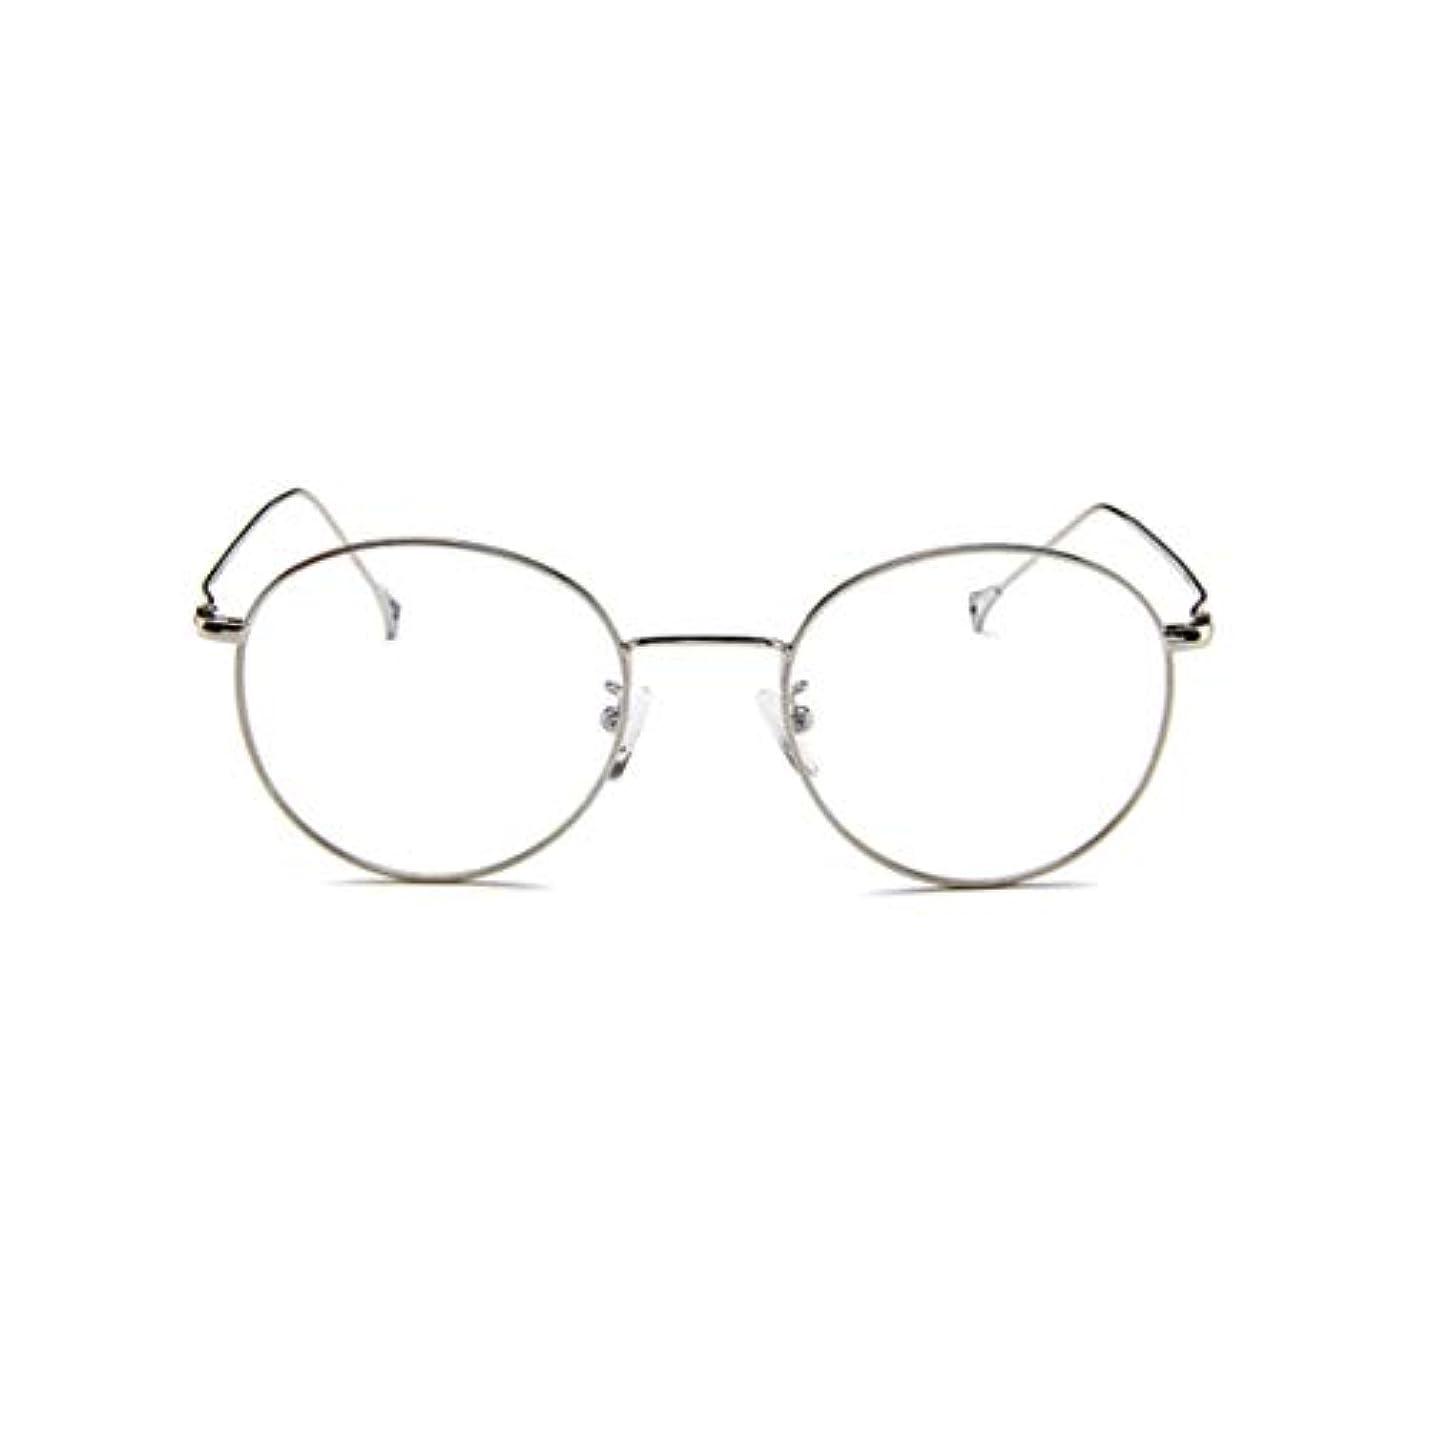 生き物ますます起きて韓国のメガネフレームの男性と女性のレトロフラットメガネメタルトレンディメガネファッション近視メガネフレーム-スライバー